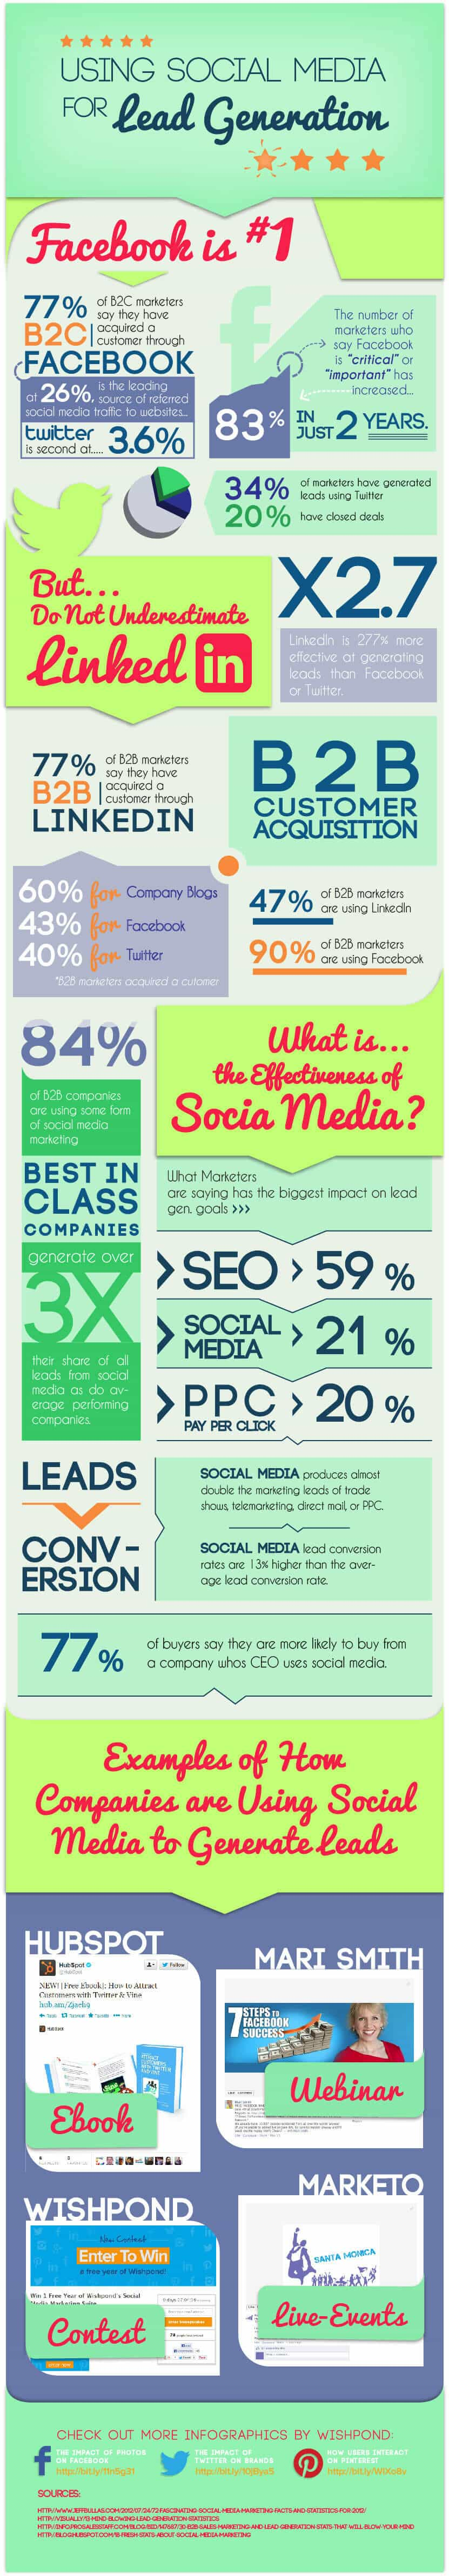 infographic_leadgeneration[1]